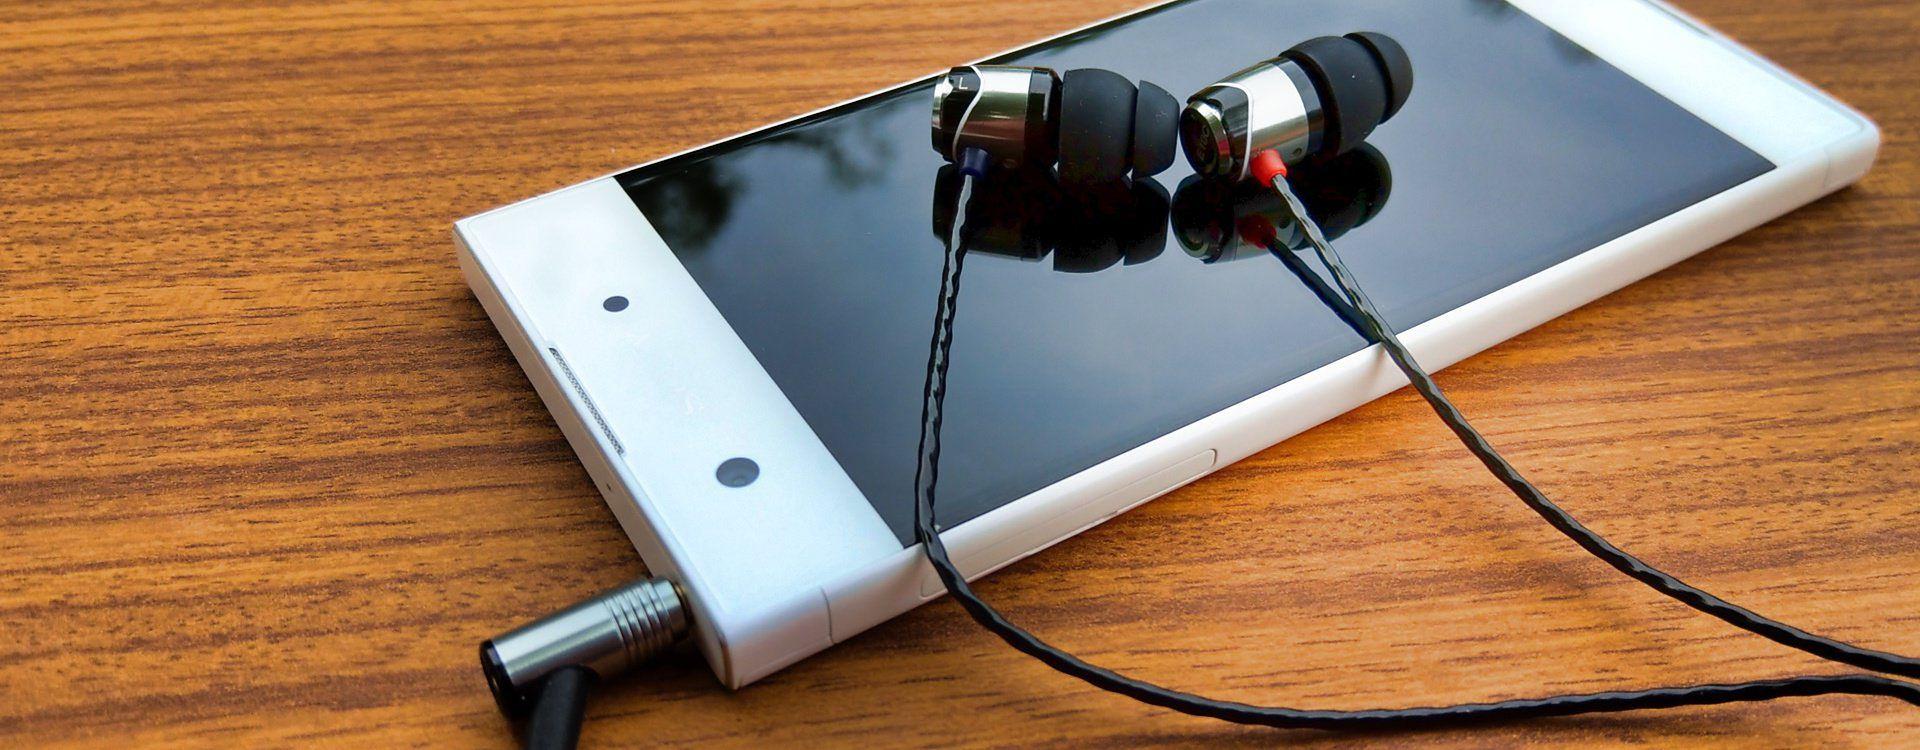 Sony Xperia XA1 i słuchawki SoundMagic E10C